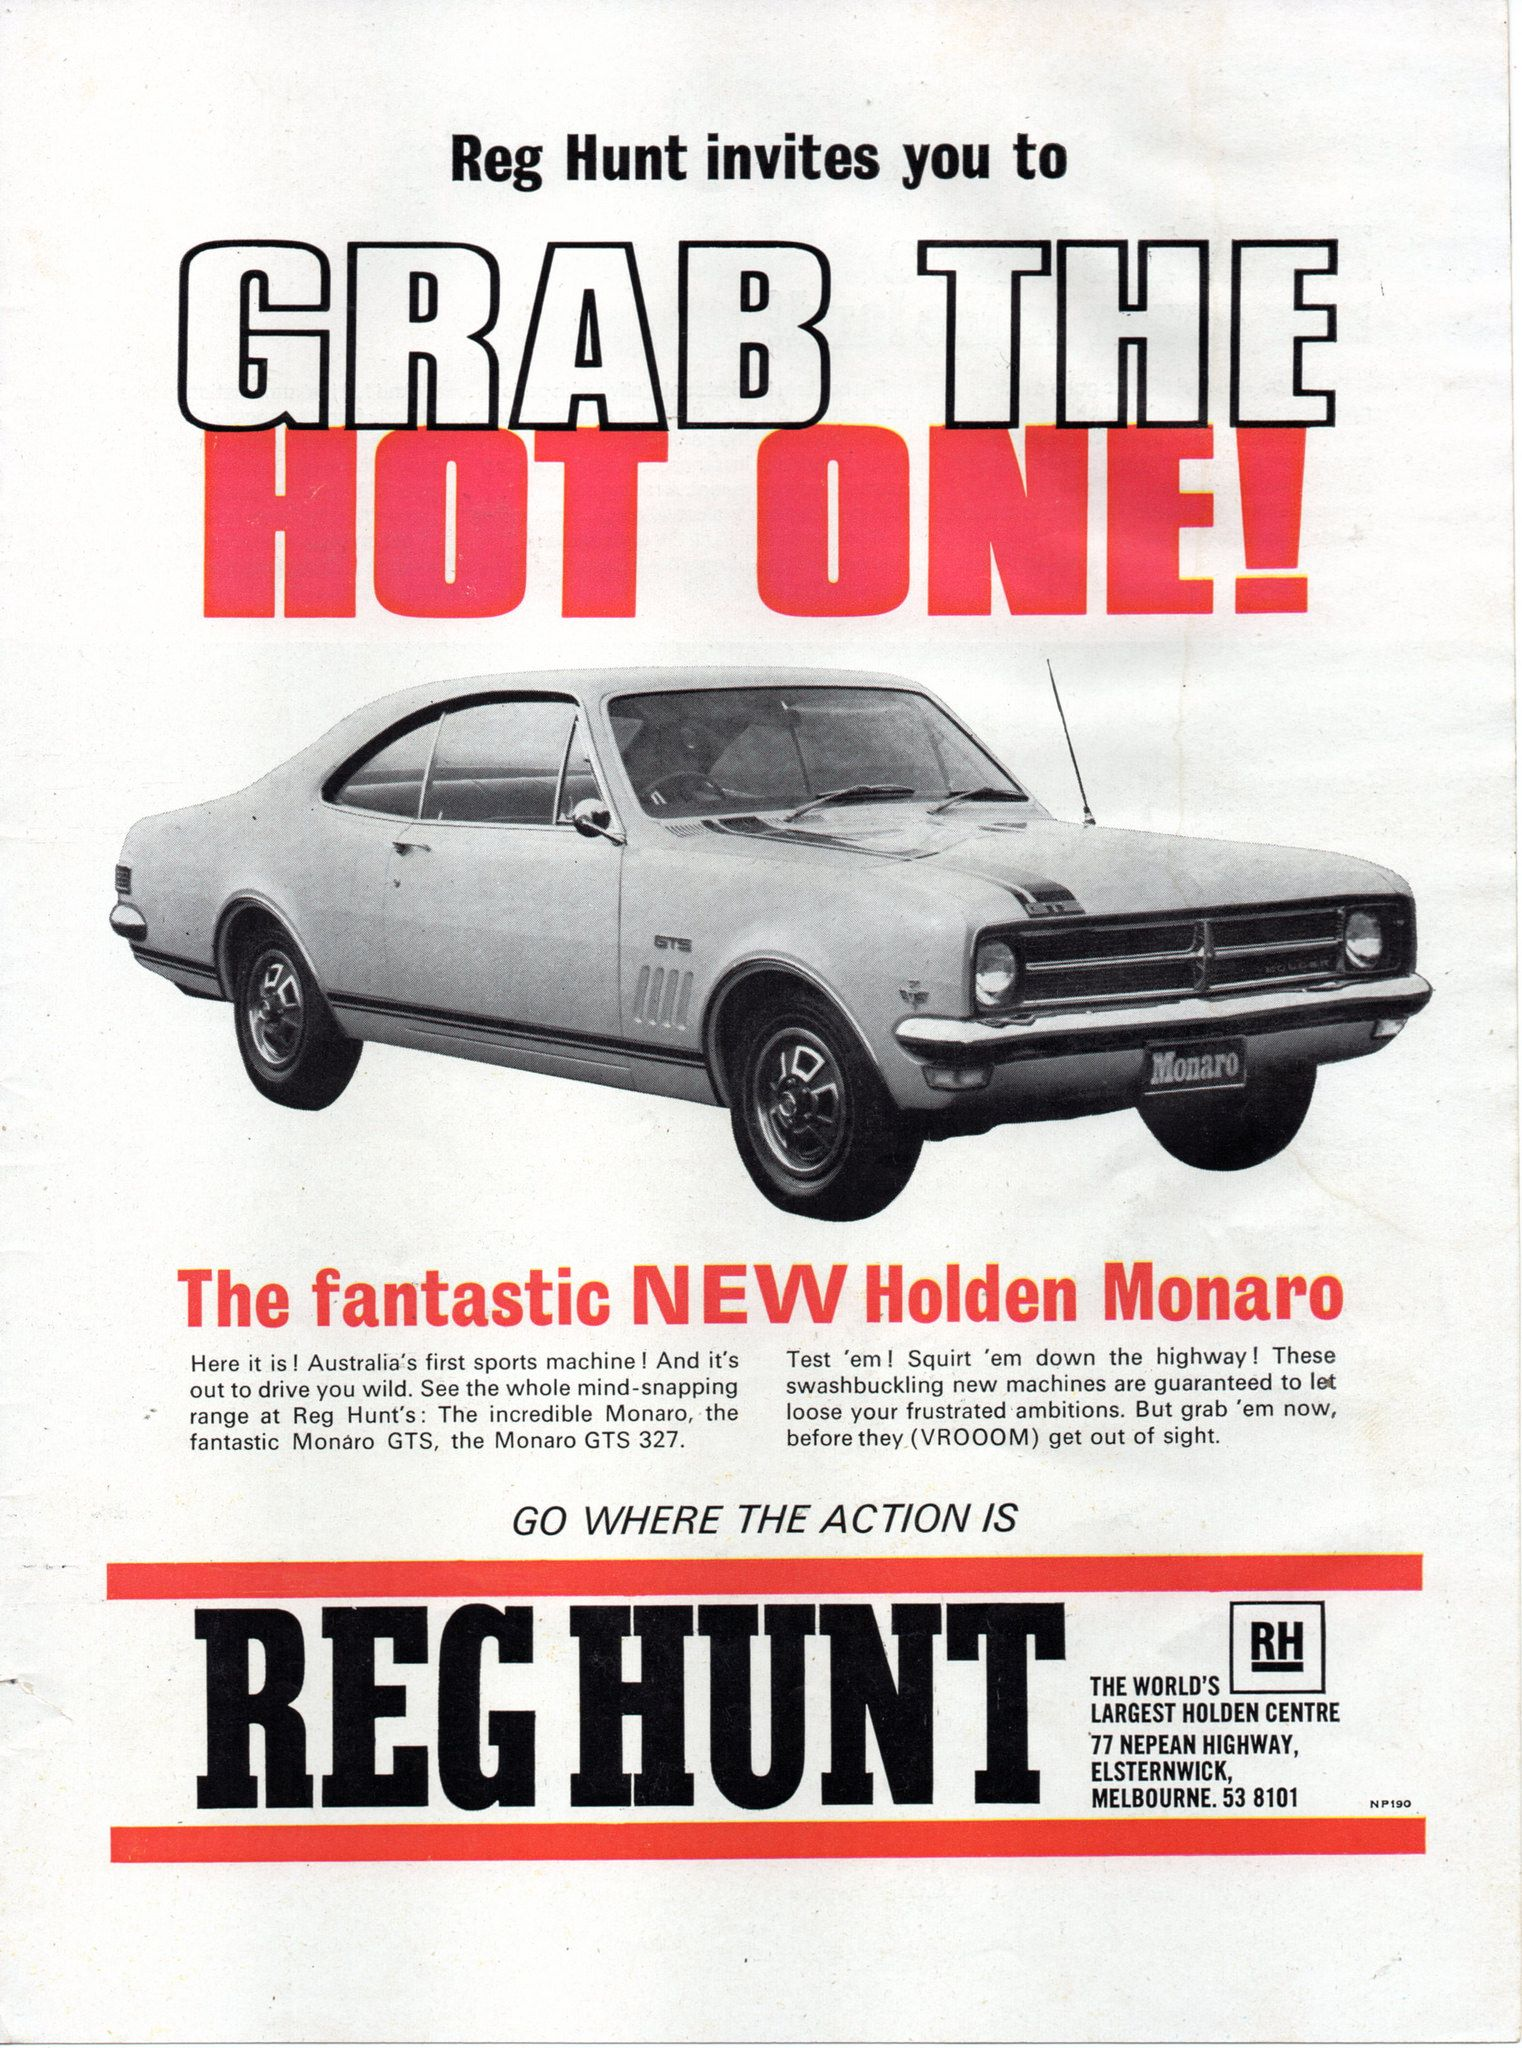 95d6f41858 1968 Reg Hunt HK Holden Monaro GTS-327 Aussie Original Magazine  Advertisement